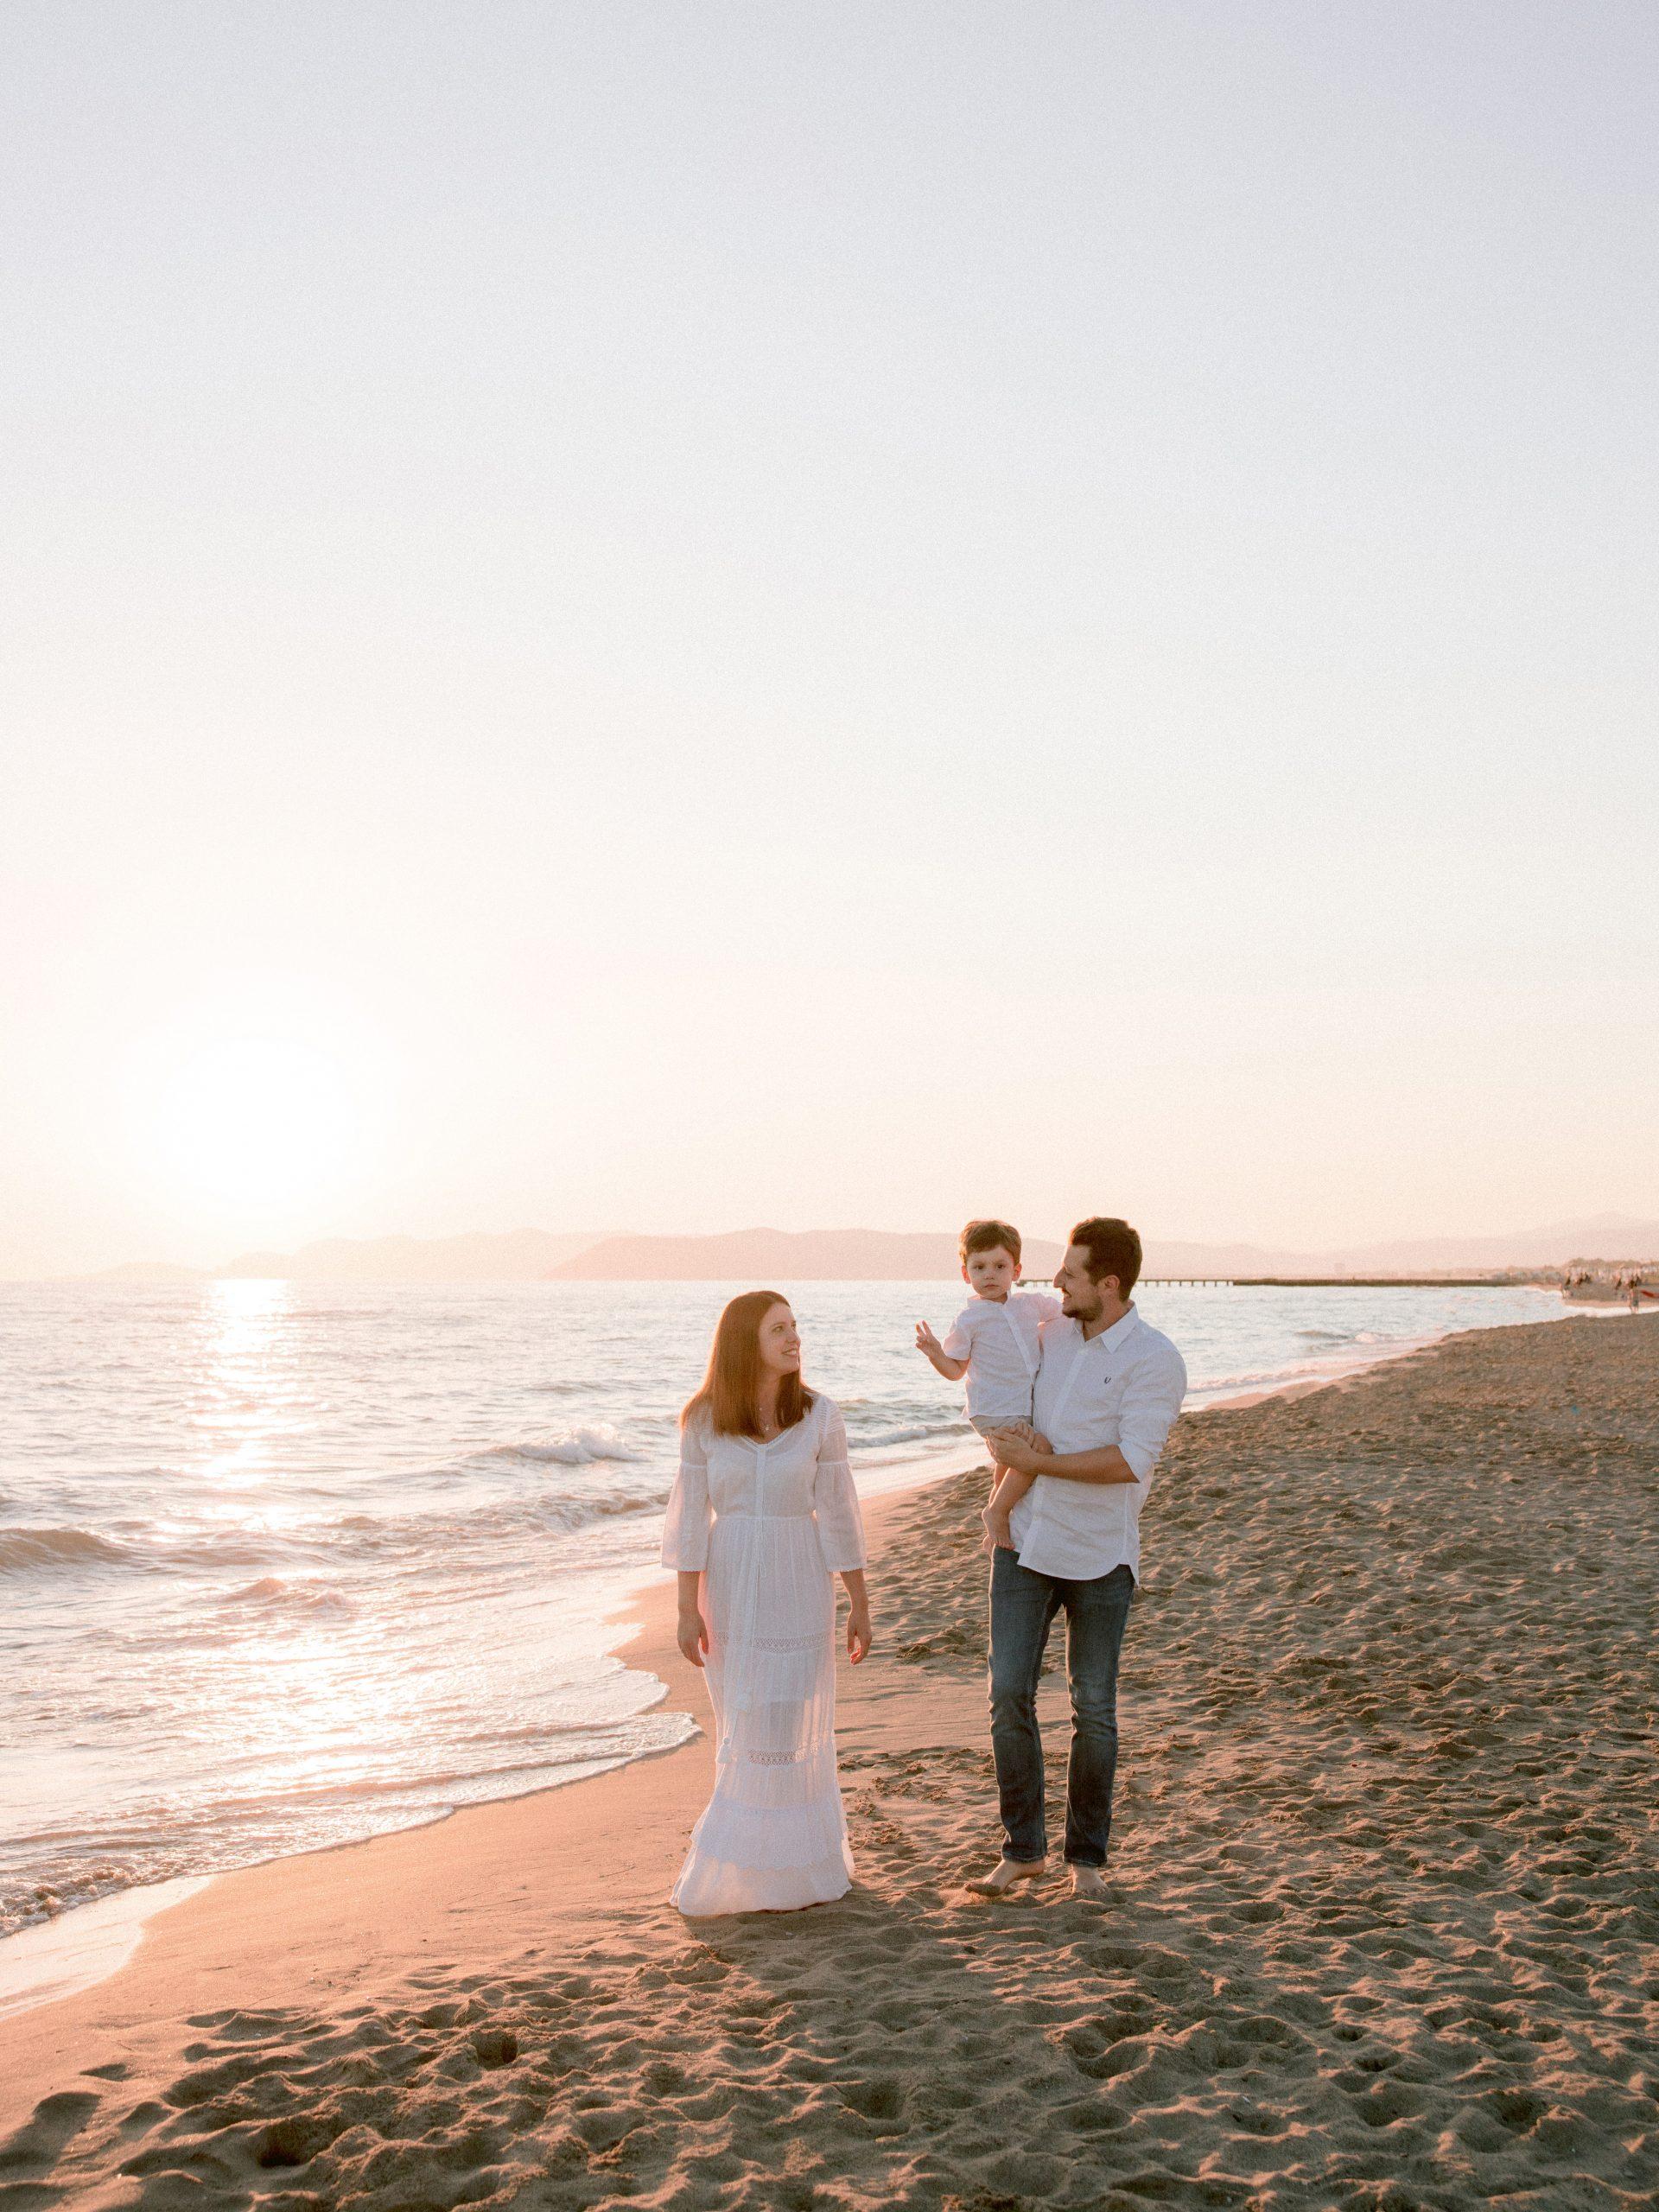 passeggiata di famiglia sulla spiaggia per il servizio fotografico